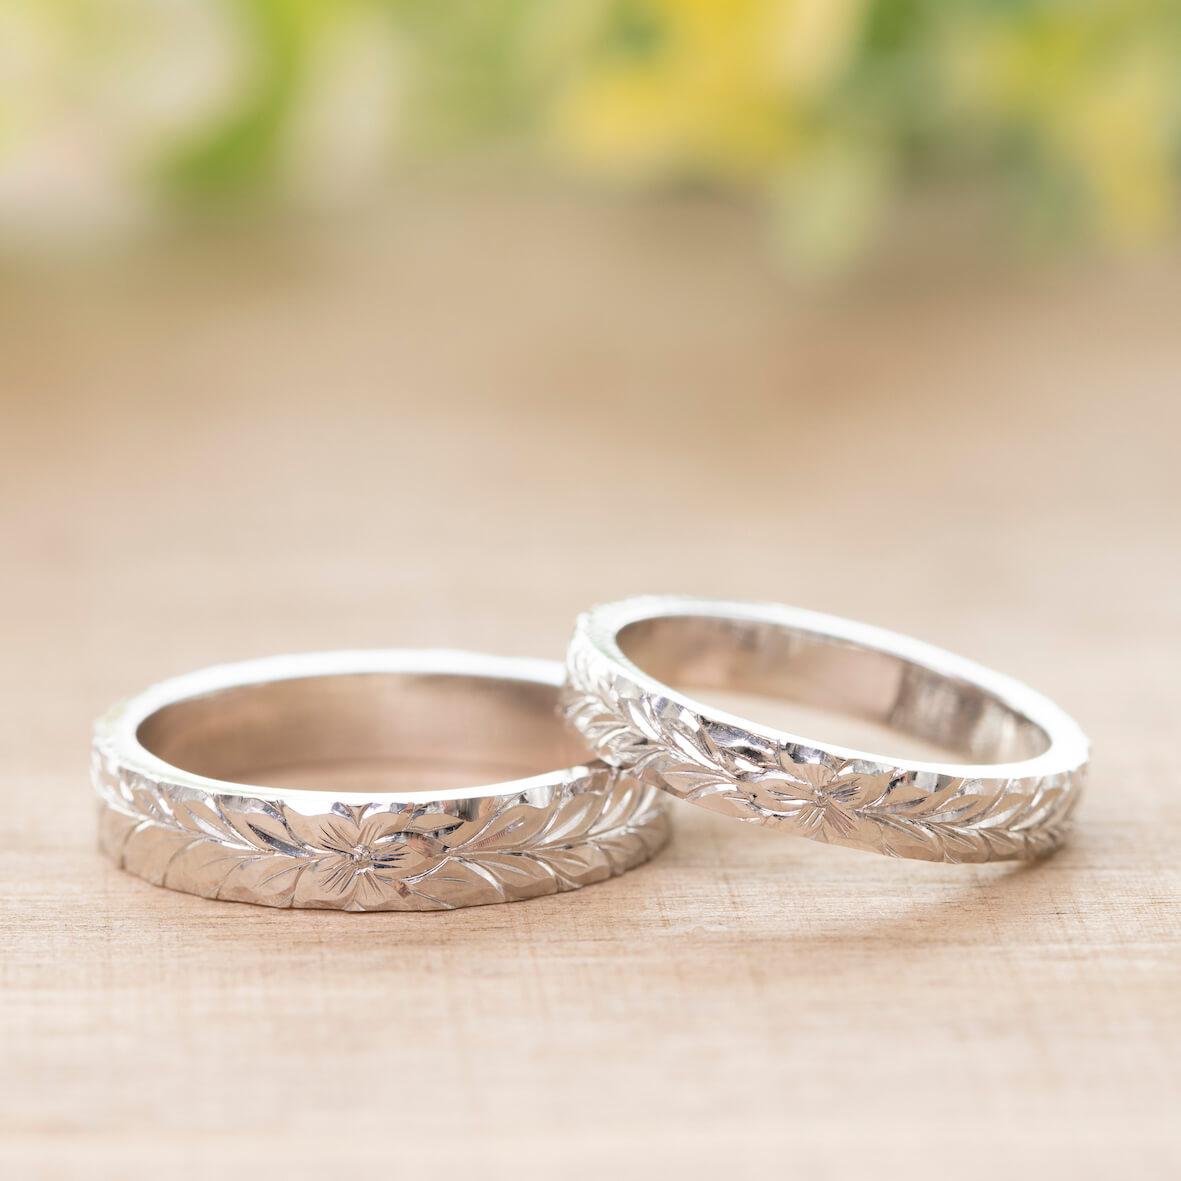 ハワイアンジュエリー ペアリング 結婚指輪 マイレ